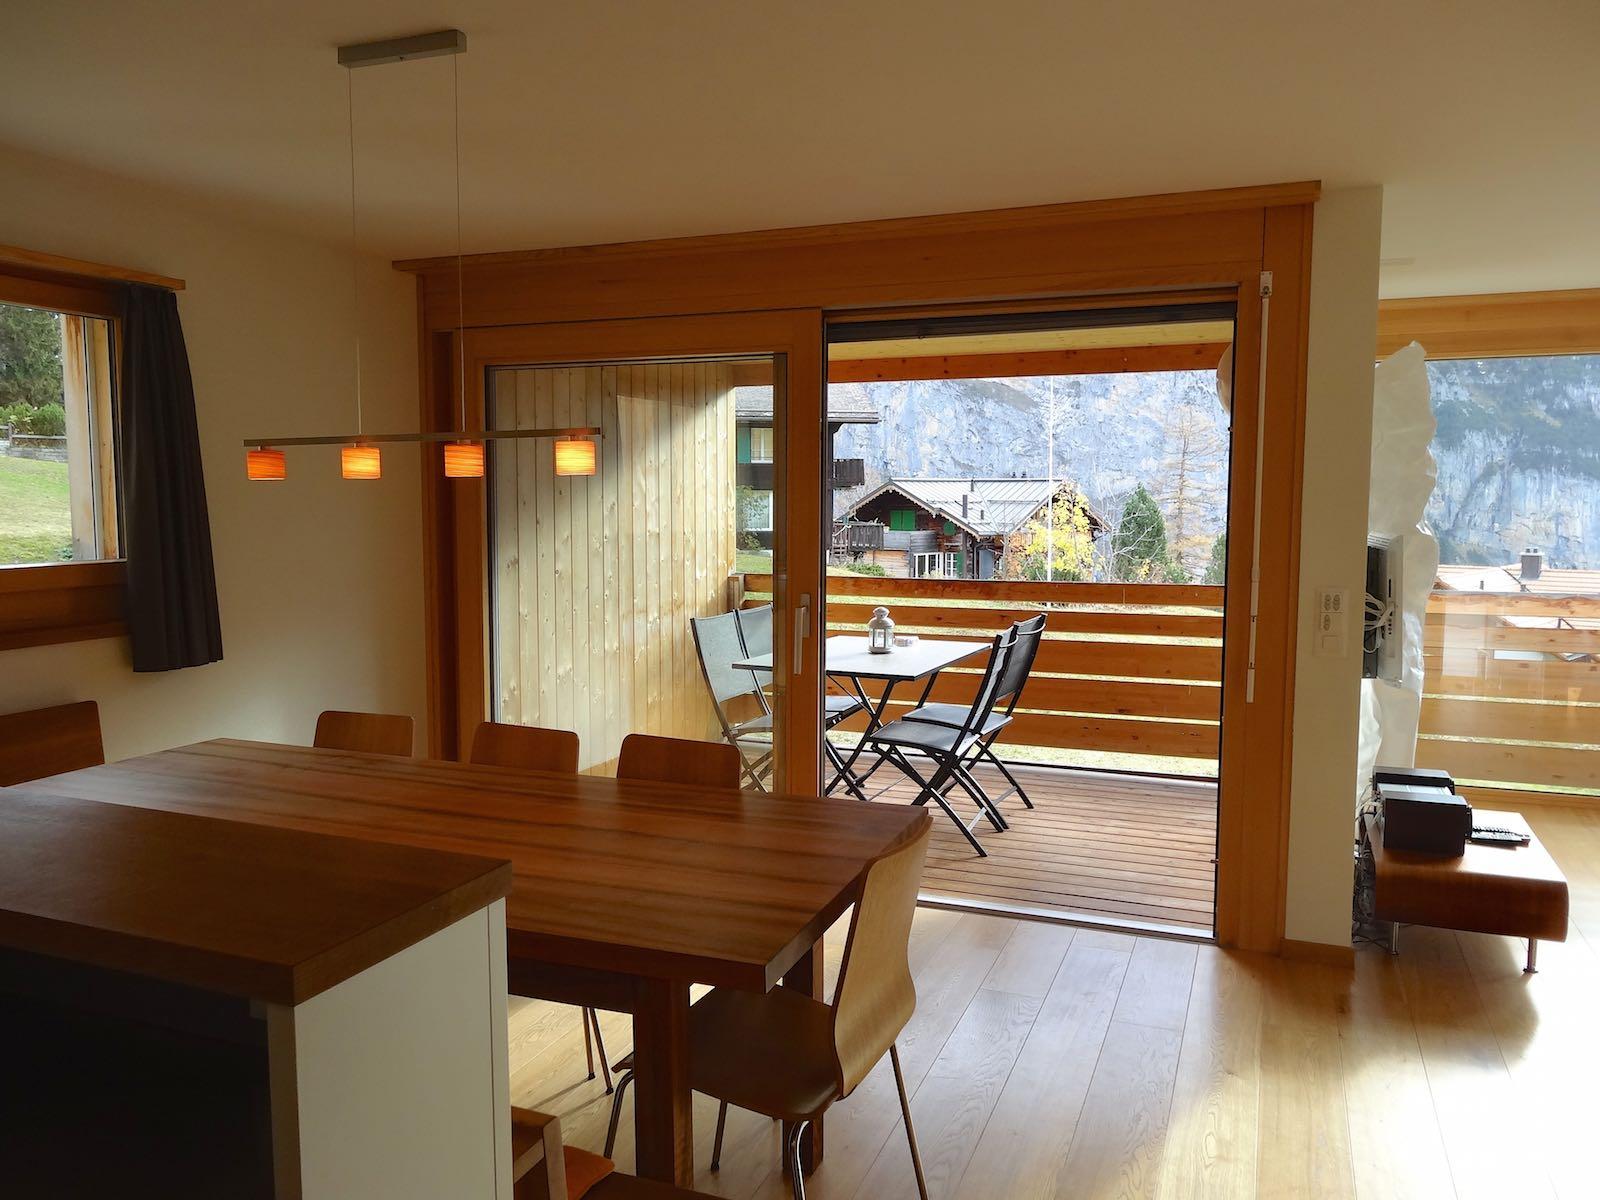 http://hoteljungfrau.ch/wp-content/uploads/2014/11/jungfrau-lodge-10.jpg